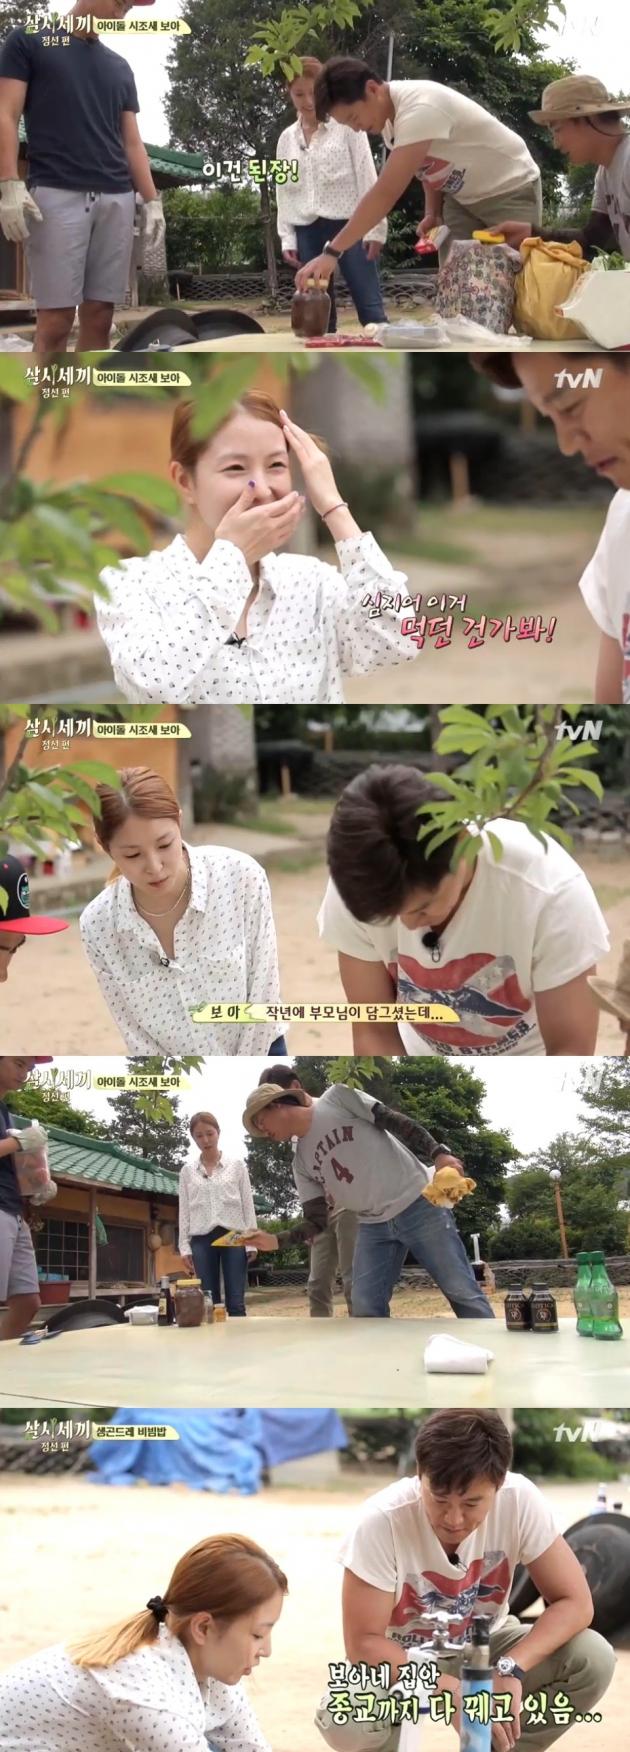 '삼시세끼' 보아 / '삼시세끼' 보아 사진=tvN 방송 캡처